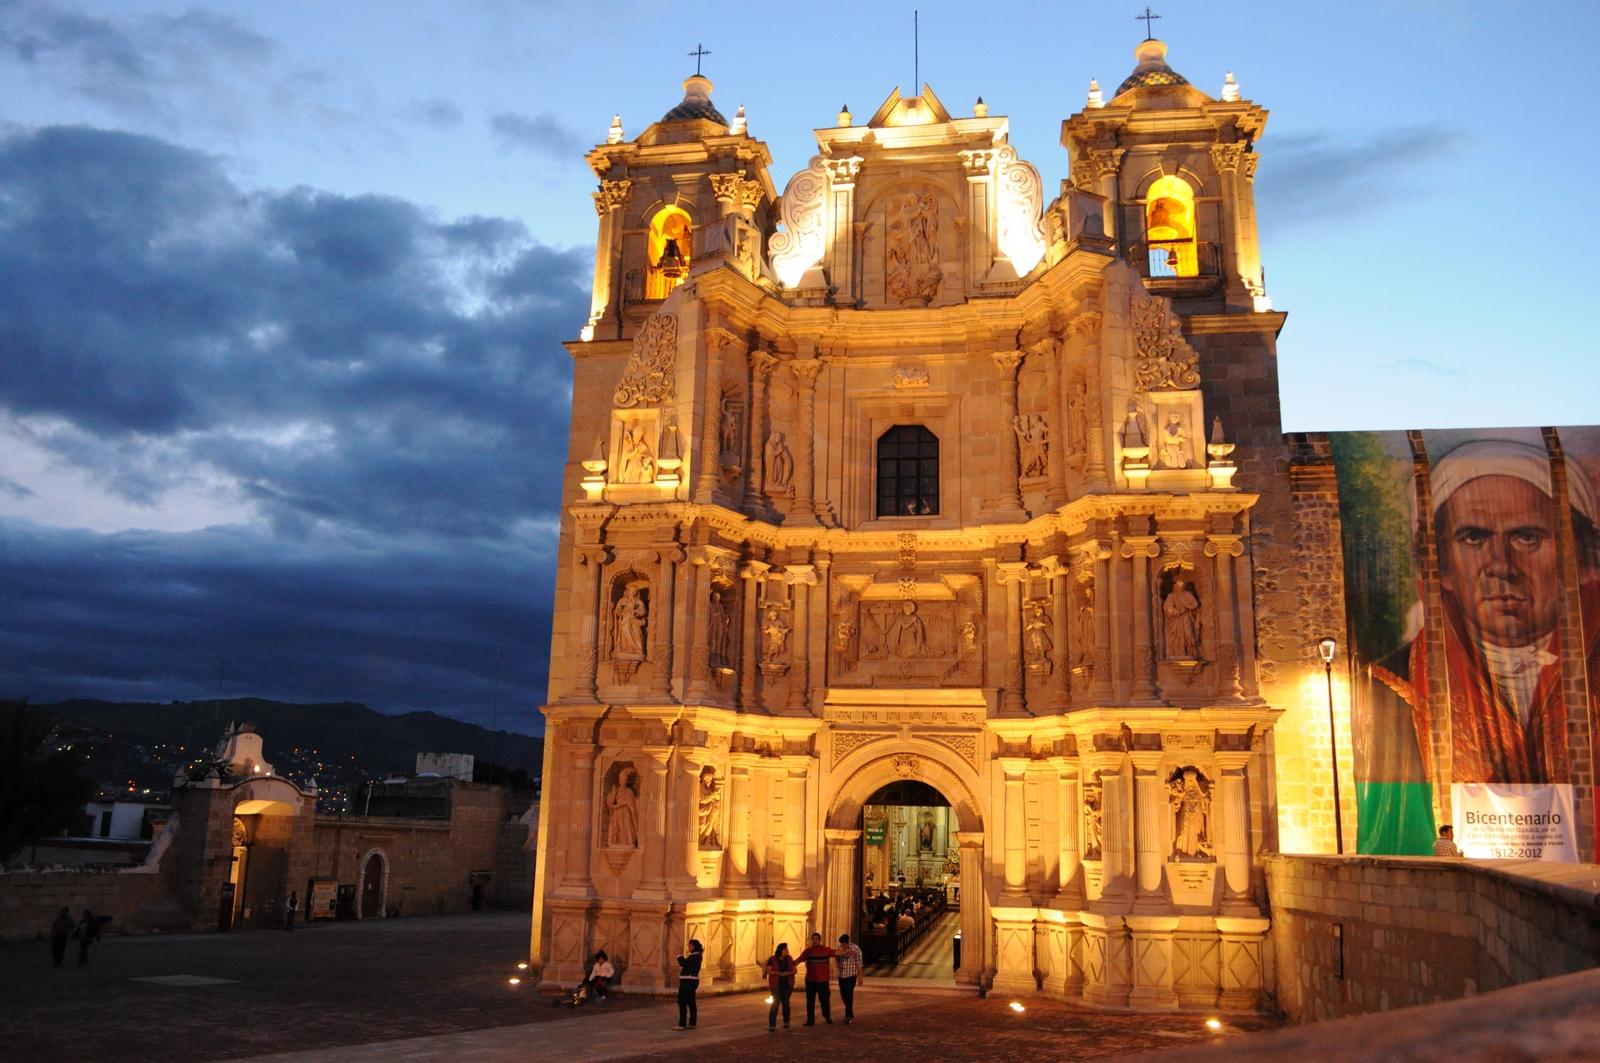 Nuestra Señora de la Soledad de Oaxaca, apareció en una Mula, México (18 dic)